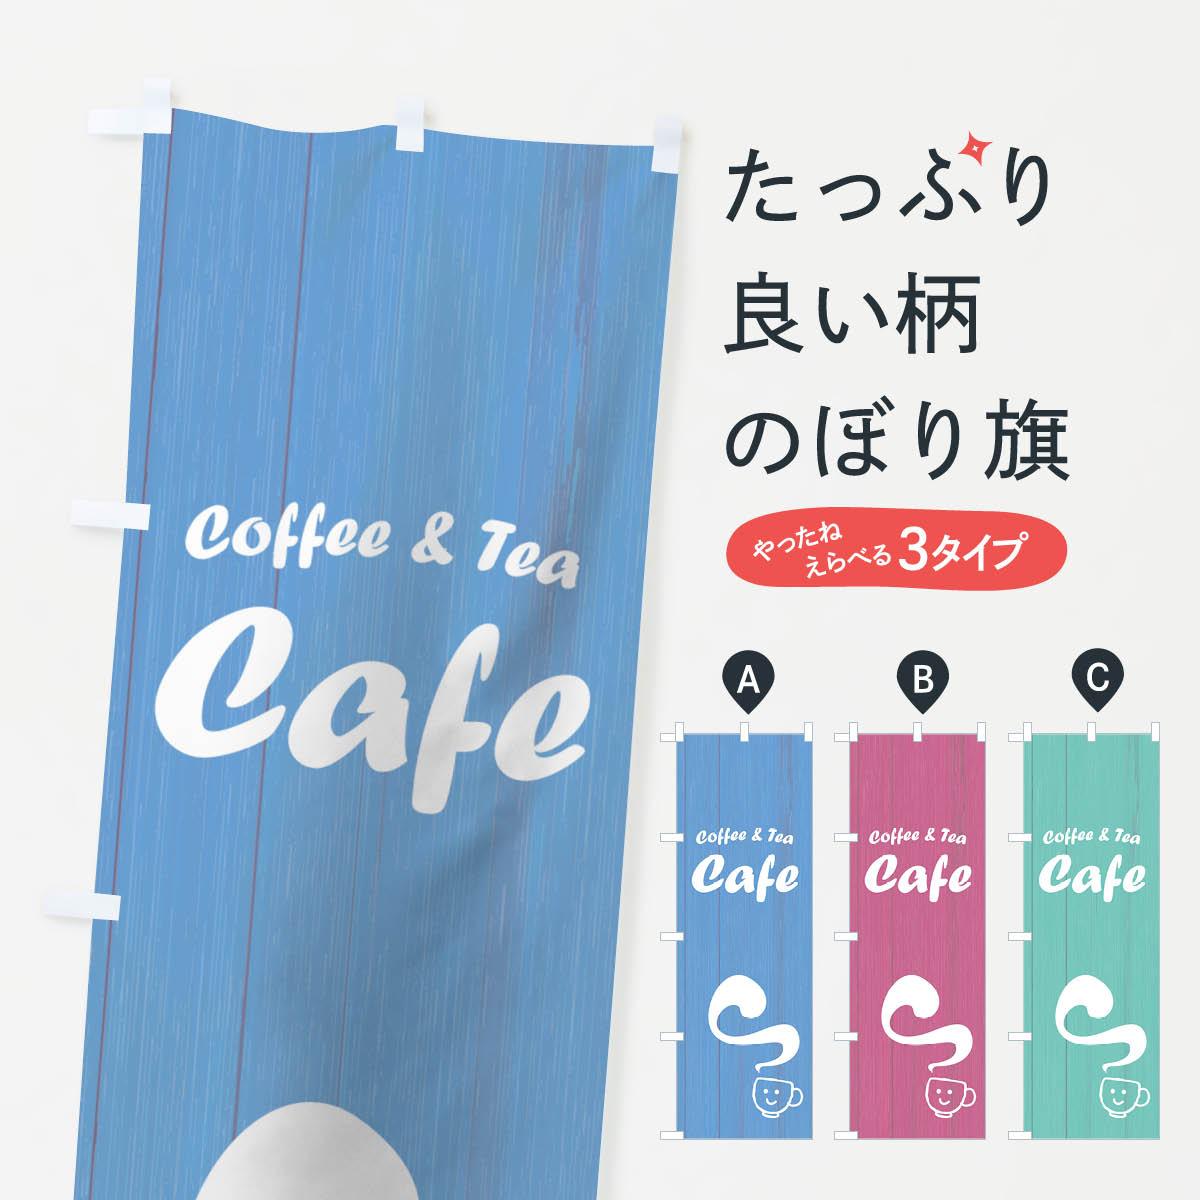 のぼり旗 カフェのぼり Cafe coffee & Tea カフェ